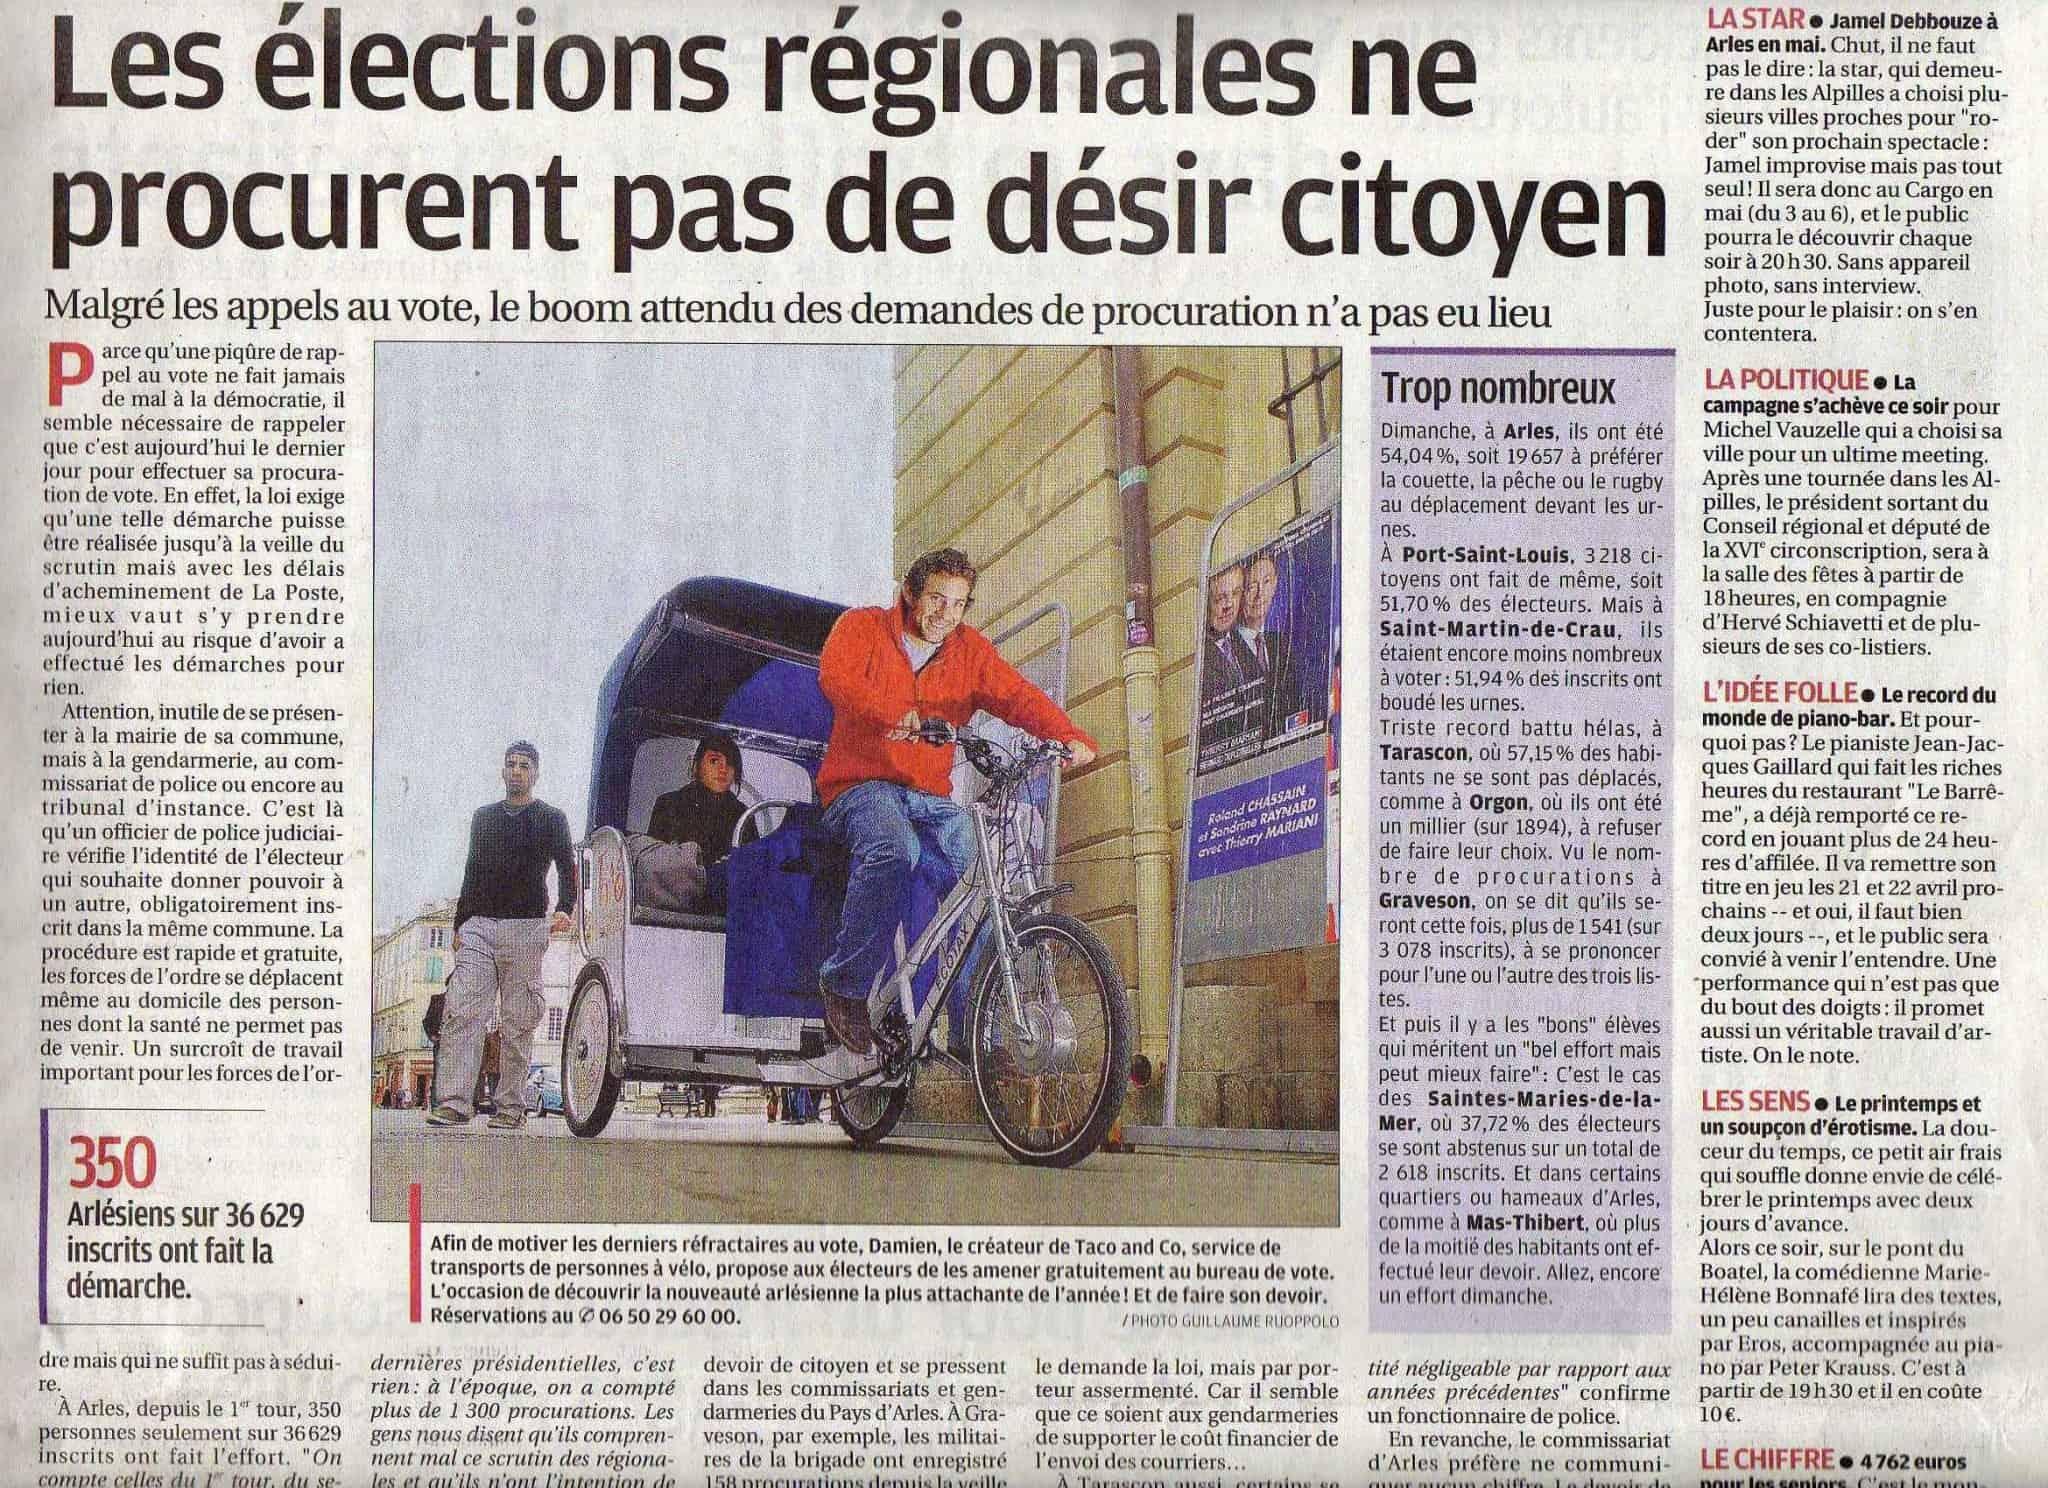 Article dans «la Provence» du 20 Mars 2010